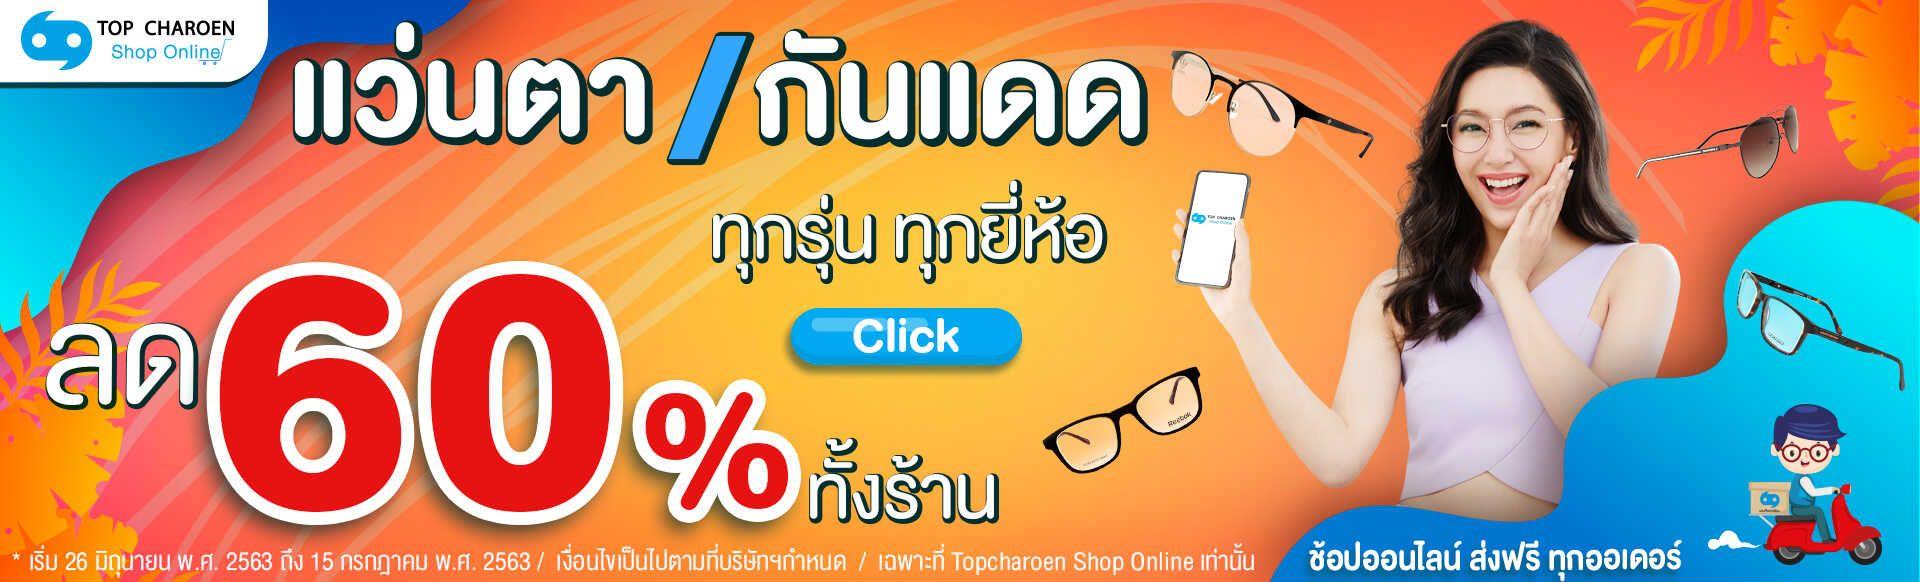 แว่นตา และแว่นกันแดด ลด 60% ทั้งร้าน